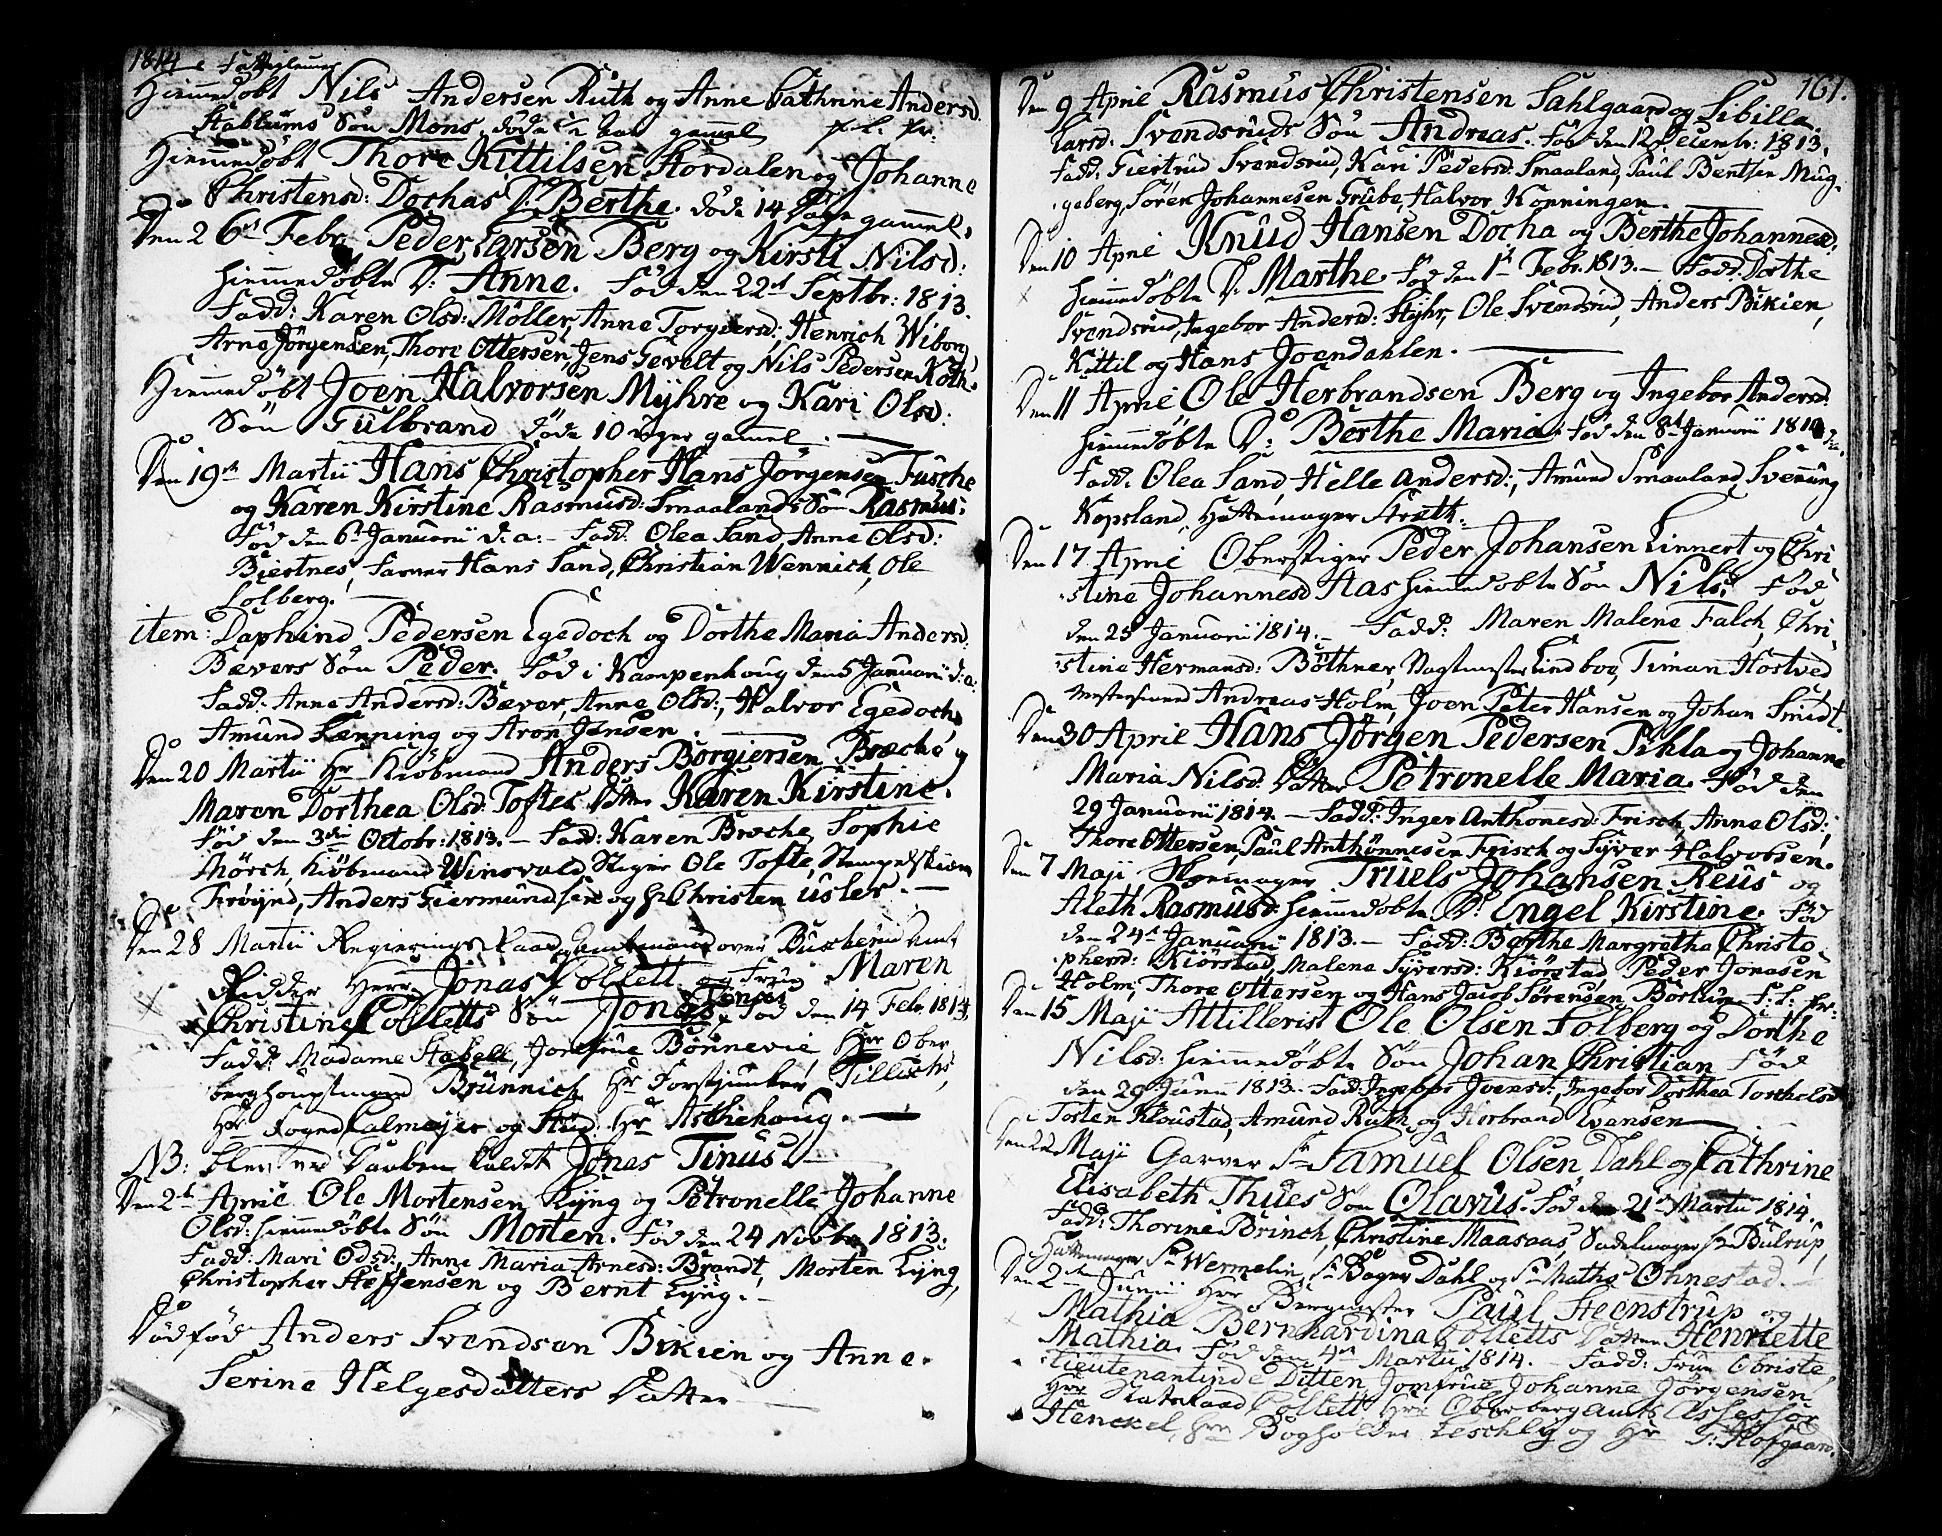 SAKO, Kongsberg kirkebøker, F/Fa/L0007: Ministerialbok nr. I 7, 1795-1816, s. 161